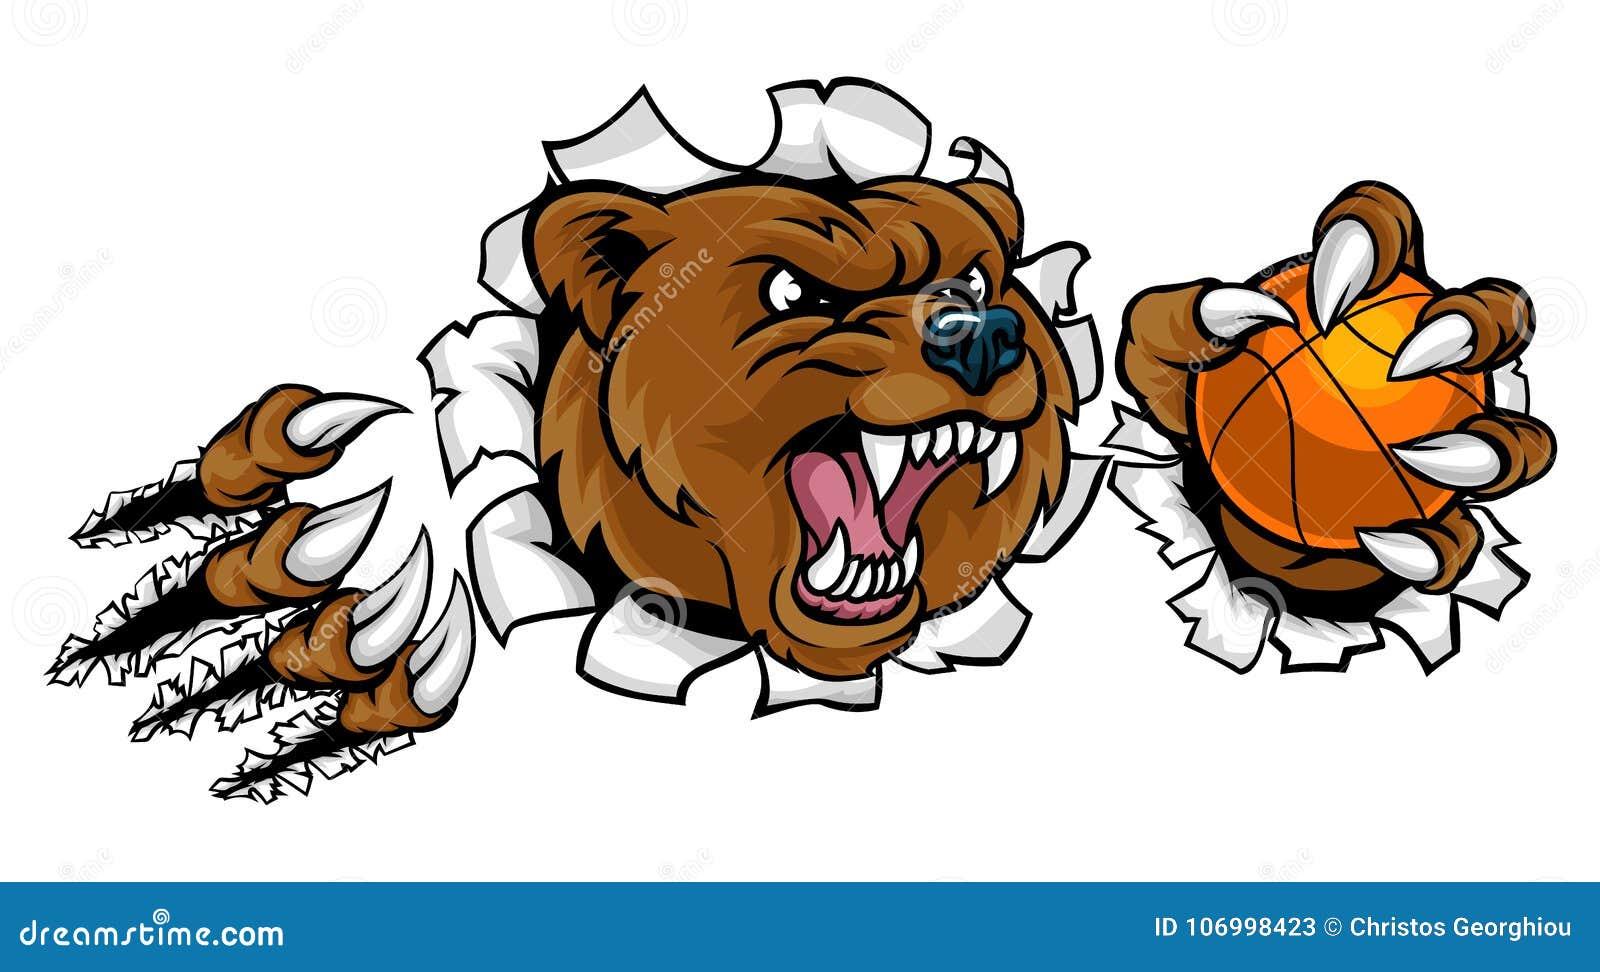 拿着篮球球的熊打破背景